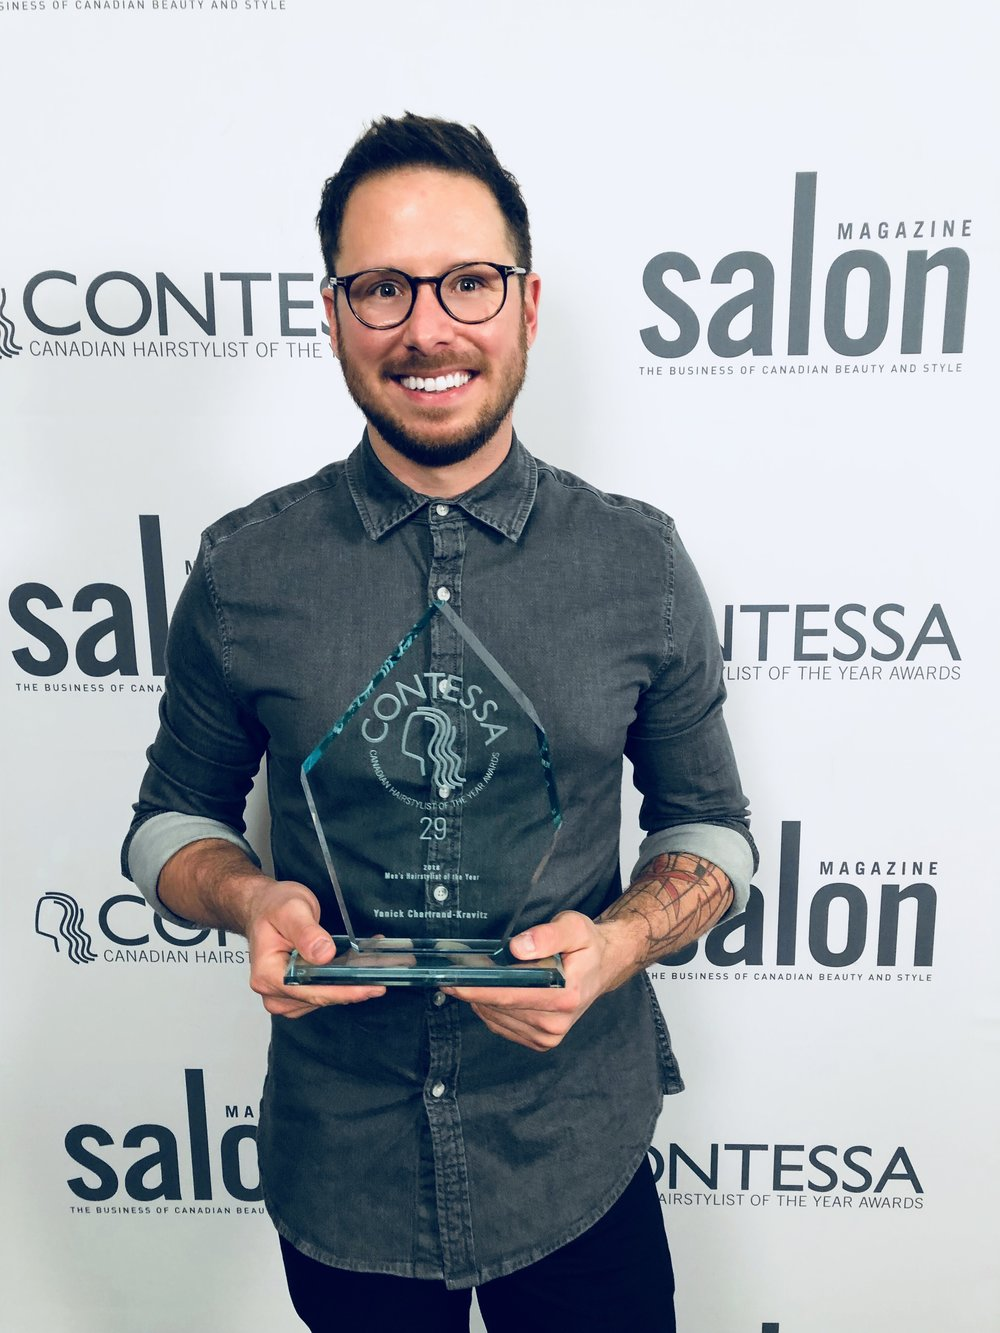 Yanick avec son prix du meilleur styliste, catégorie hommes